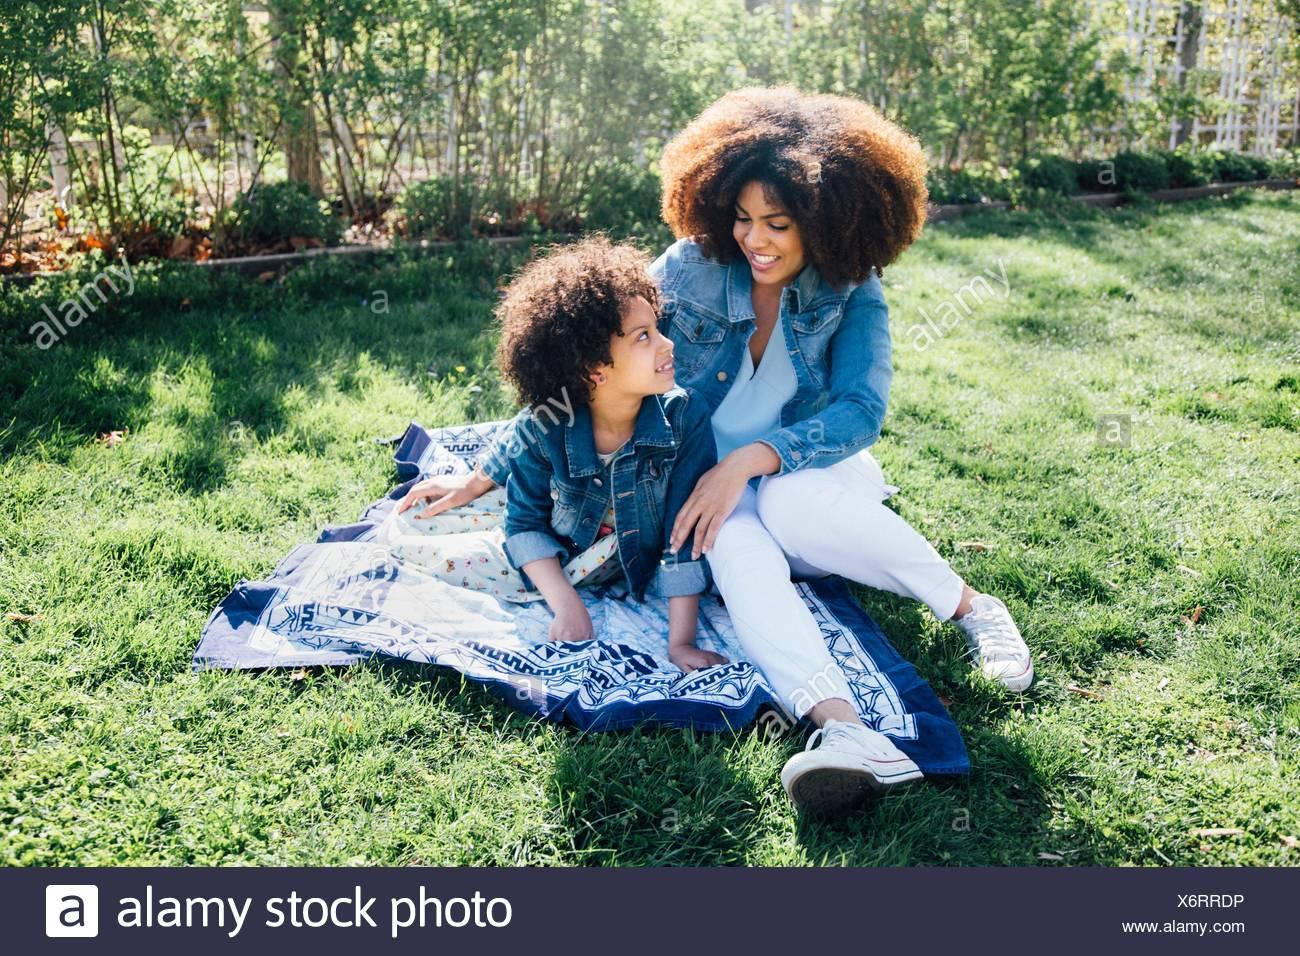 Con brazo alrededor de la hija de la Madre sentada sobre una manta Imagen De Stock